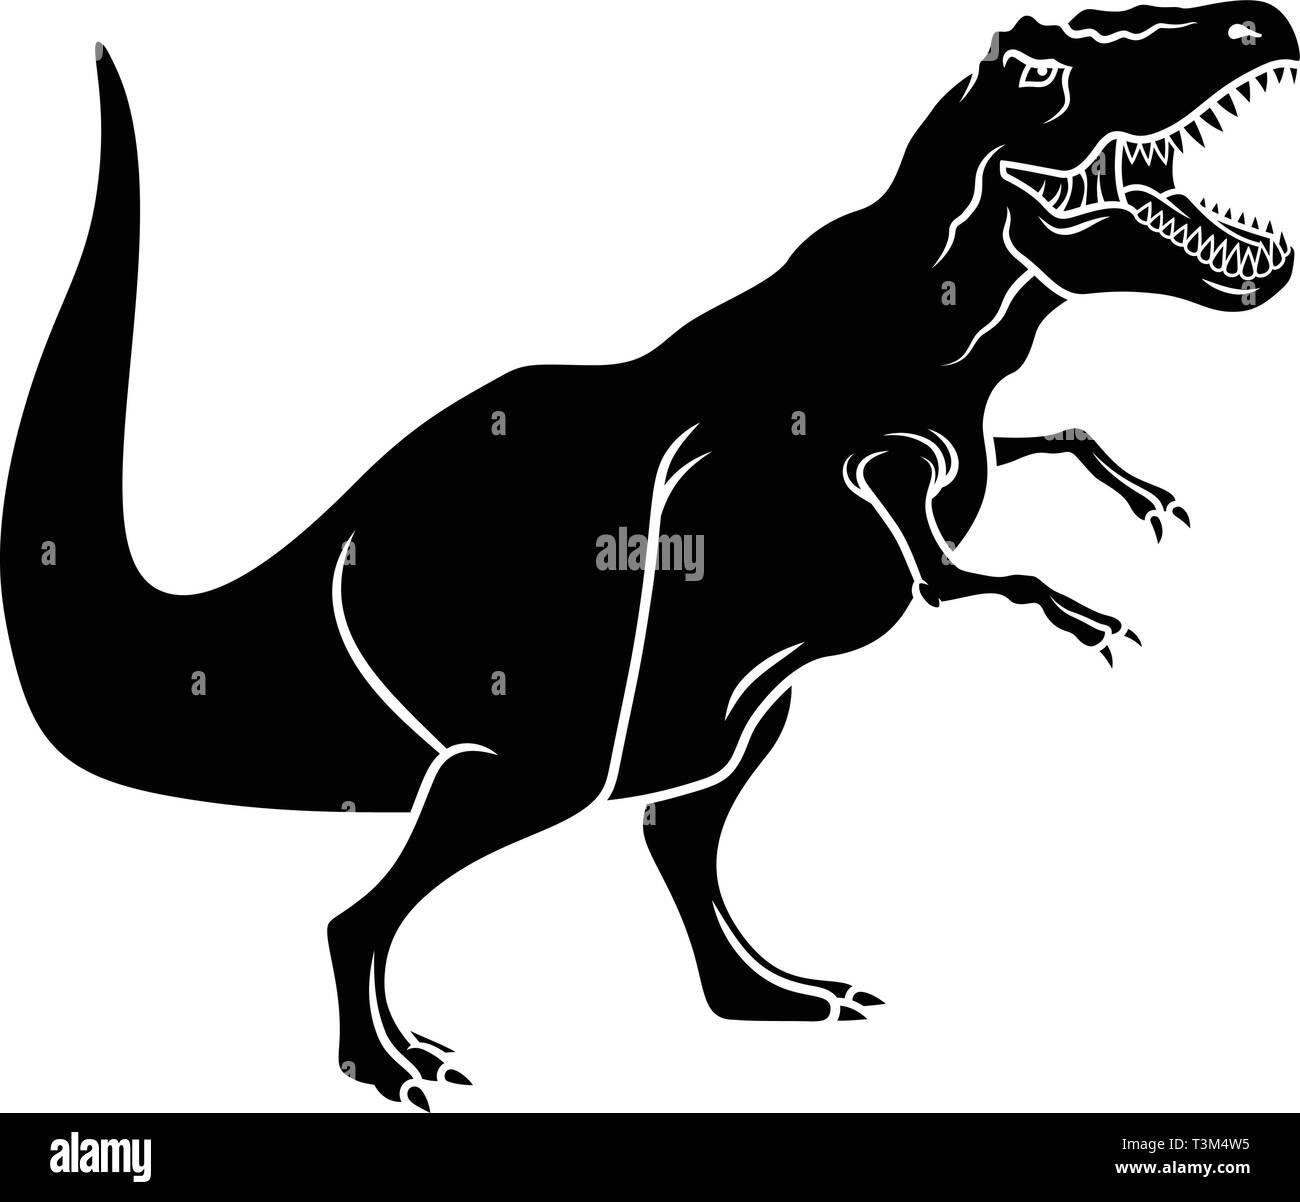 Silueta De Dinosaurios Ilustracion Vectorial Tyrannosaurus Imagen Vector De Stock Alamy Además también están disponibles otros formatos de dinosaurio silueta, dinosaurio, dinosaurio jurásico vectores o imágenes de fondo. https www alamy es silueta de dinosaurios ilustracion vectorial tyrannosaurus image243232001 html